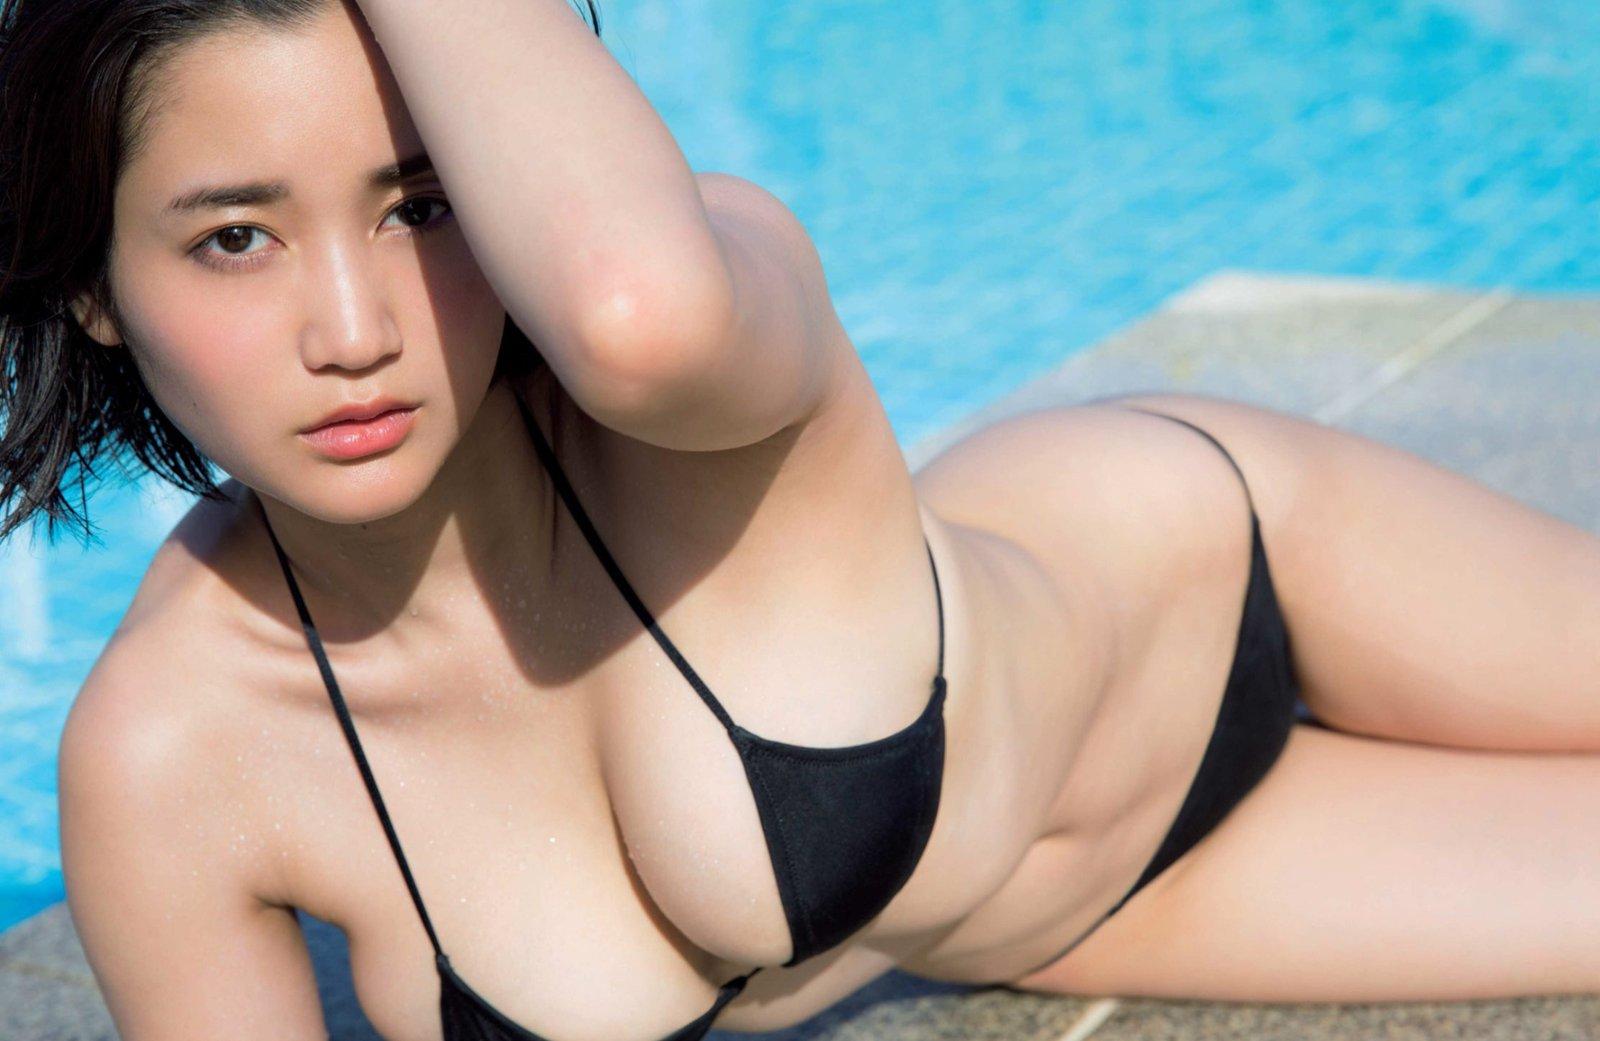 出口亜梨沙 関西美女レポーターのたわわ生乳Gカップセクシー画像